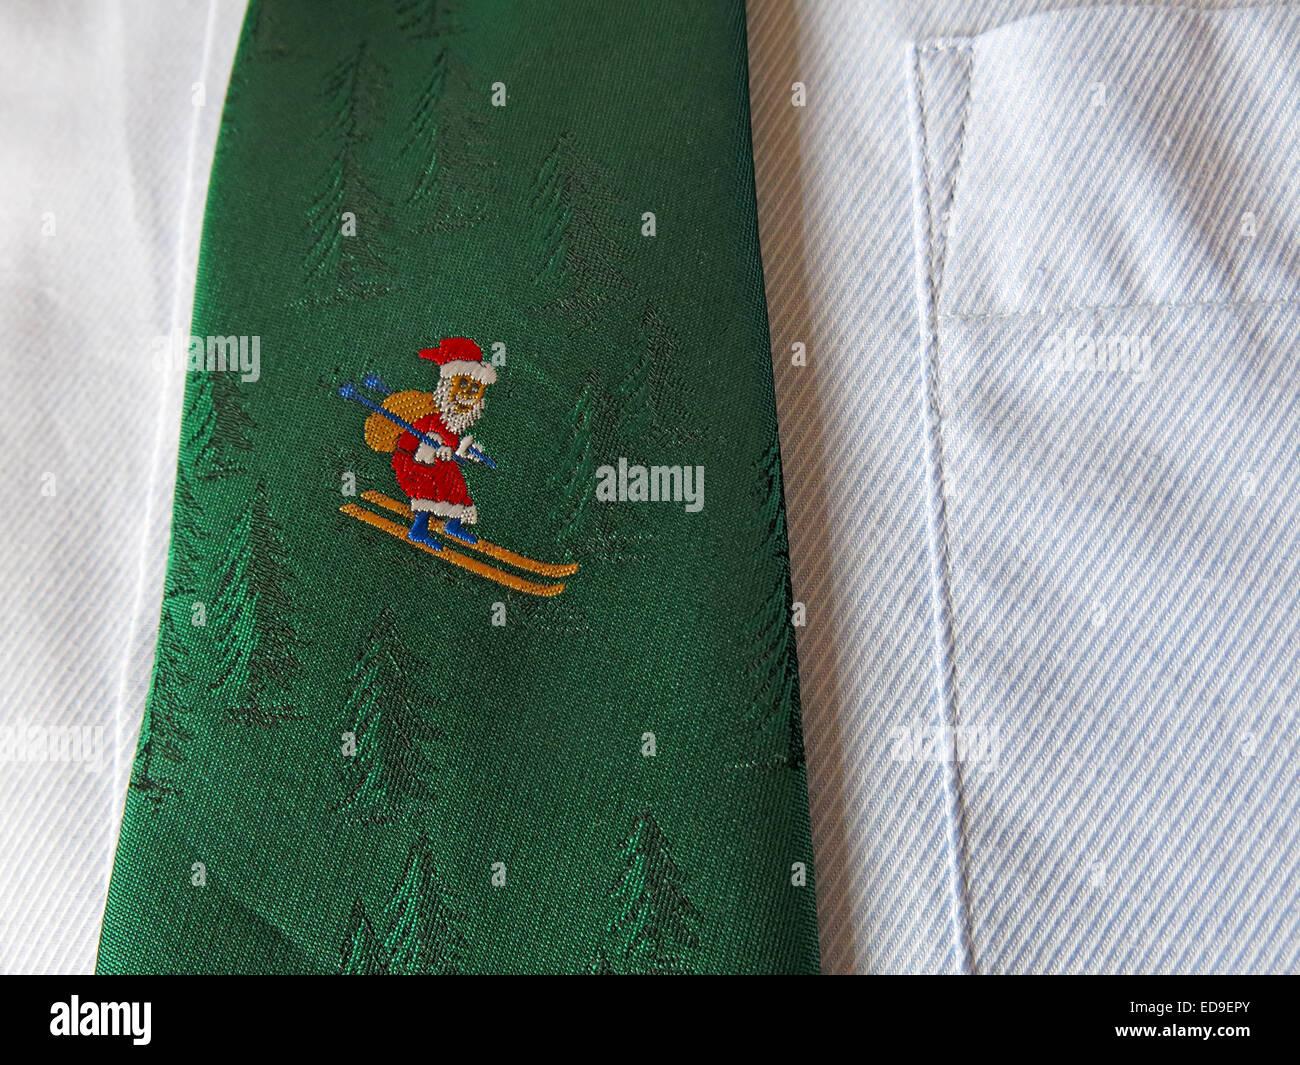 Laden Sie dieses Alamy Stockfoto Interessante Oldtimer Krawatte, männliche Antik in Seide, Santa, Skifahren - ED9EPY